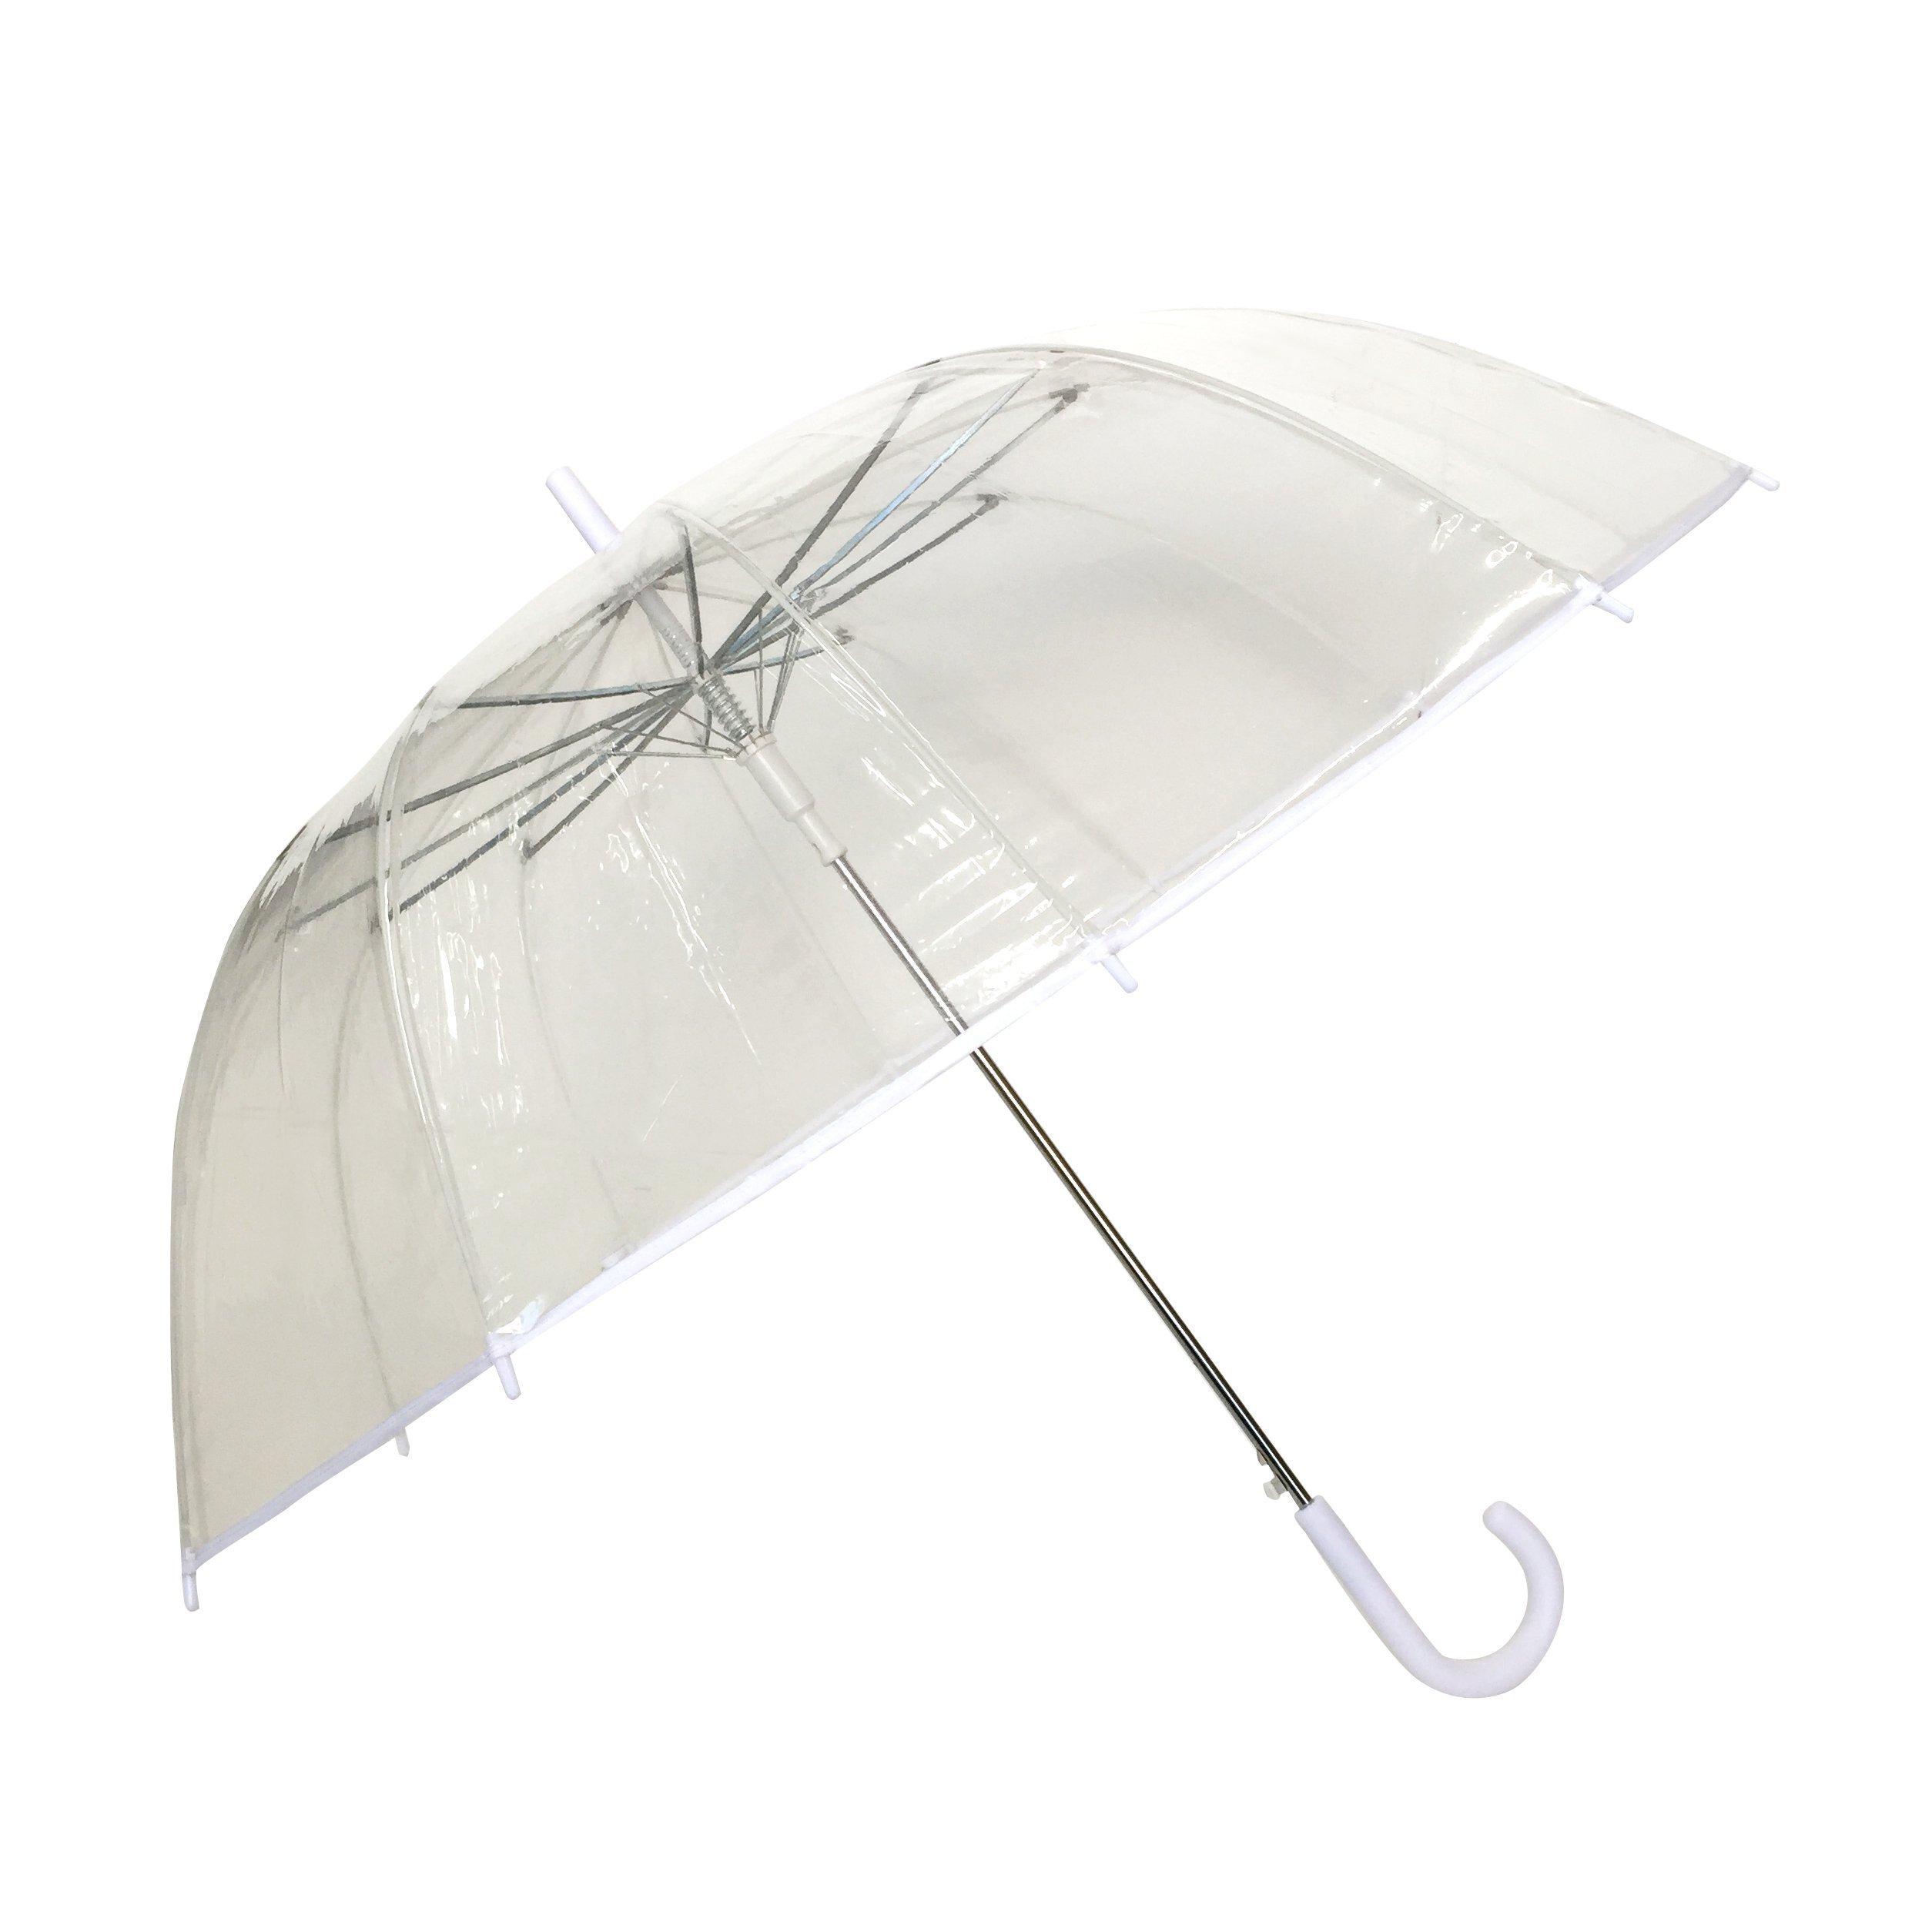 Grand parapluie XXL dome transparent automatique - parapluie pour deux - parapluie pour couple - Smati